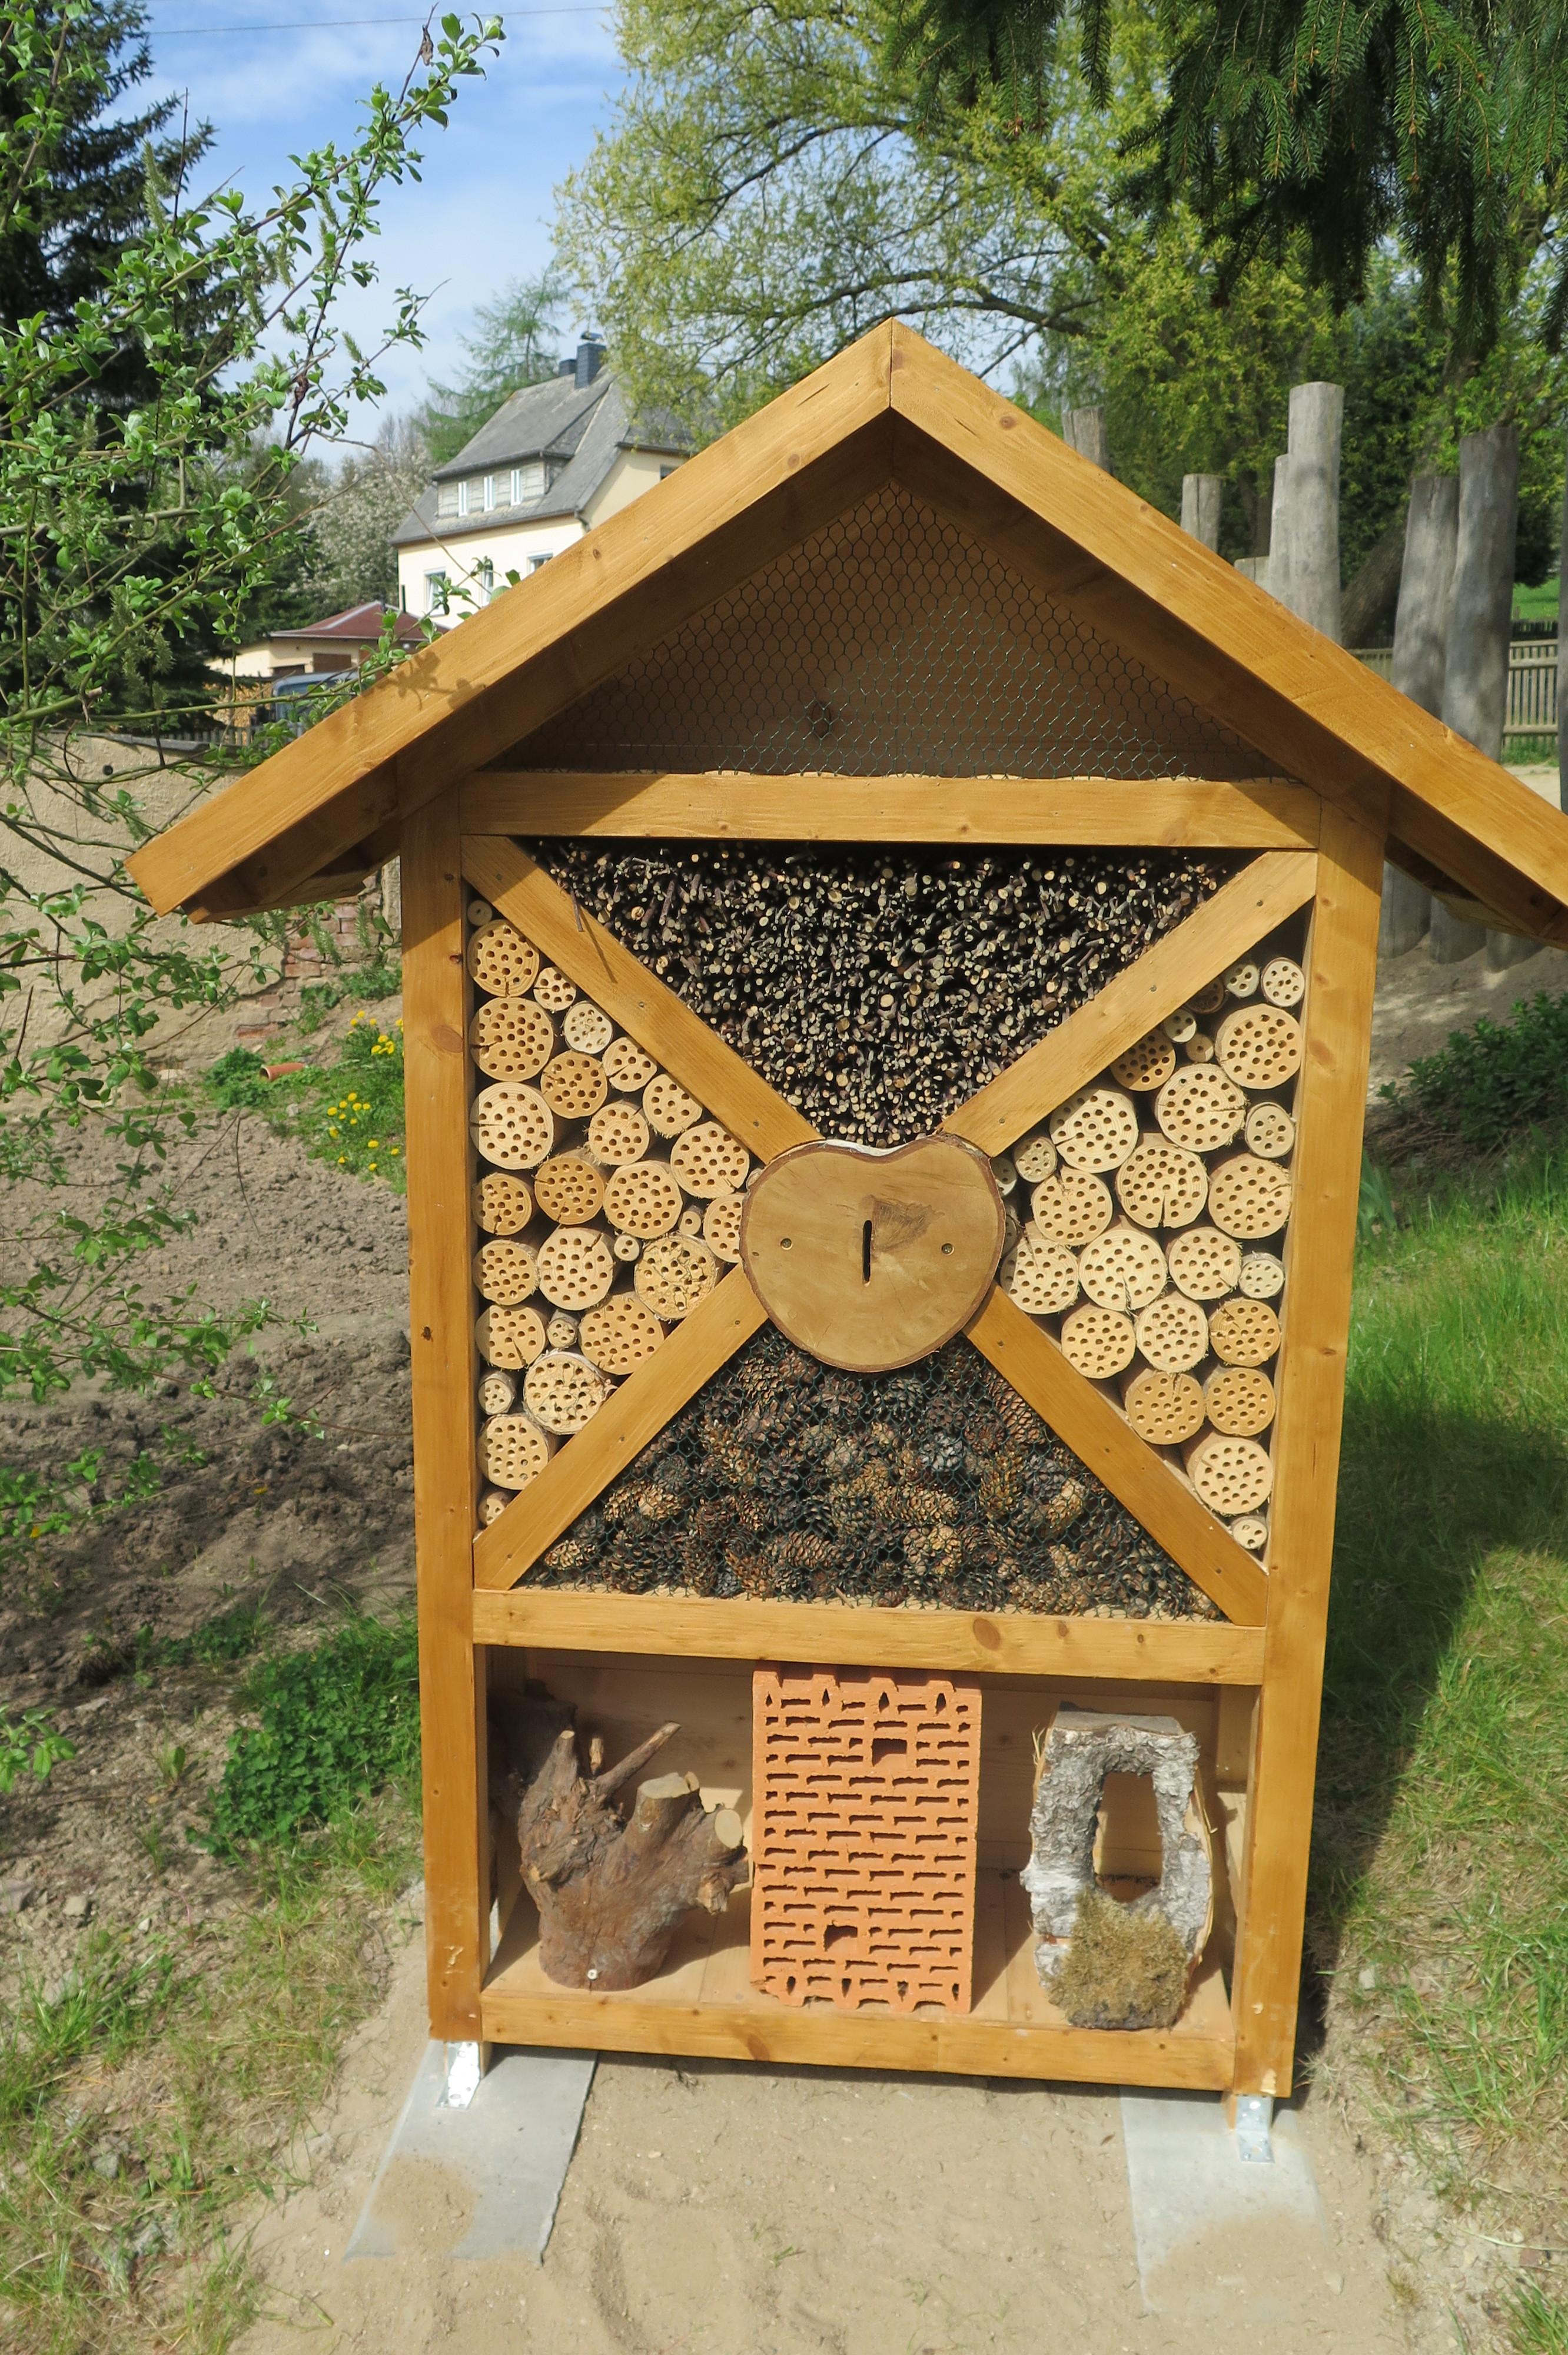 einweihung insektenhotel grundschule niederlichtenau. Black Bedroom Furniture Sets. Home Design Ideas